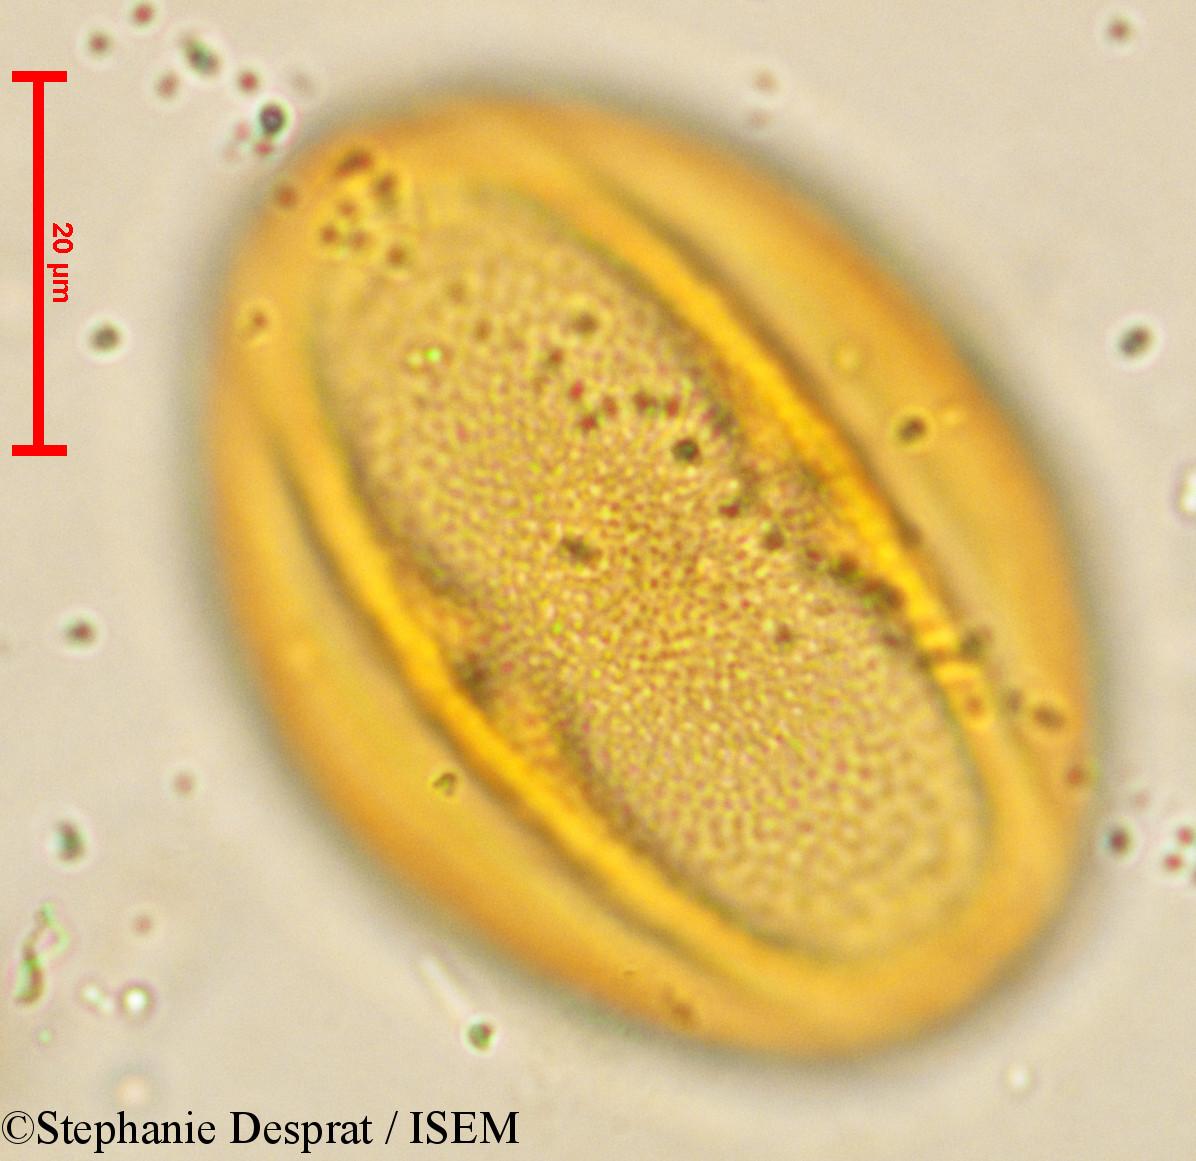 Stephanie.Desprat/Cissus_quadrangularis_4063/Cissus_quadrangularis_4063_0002(copy).jpg